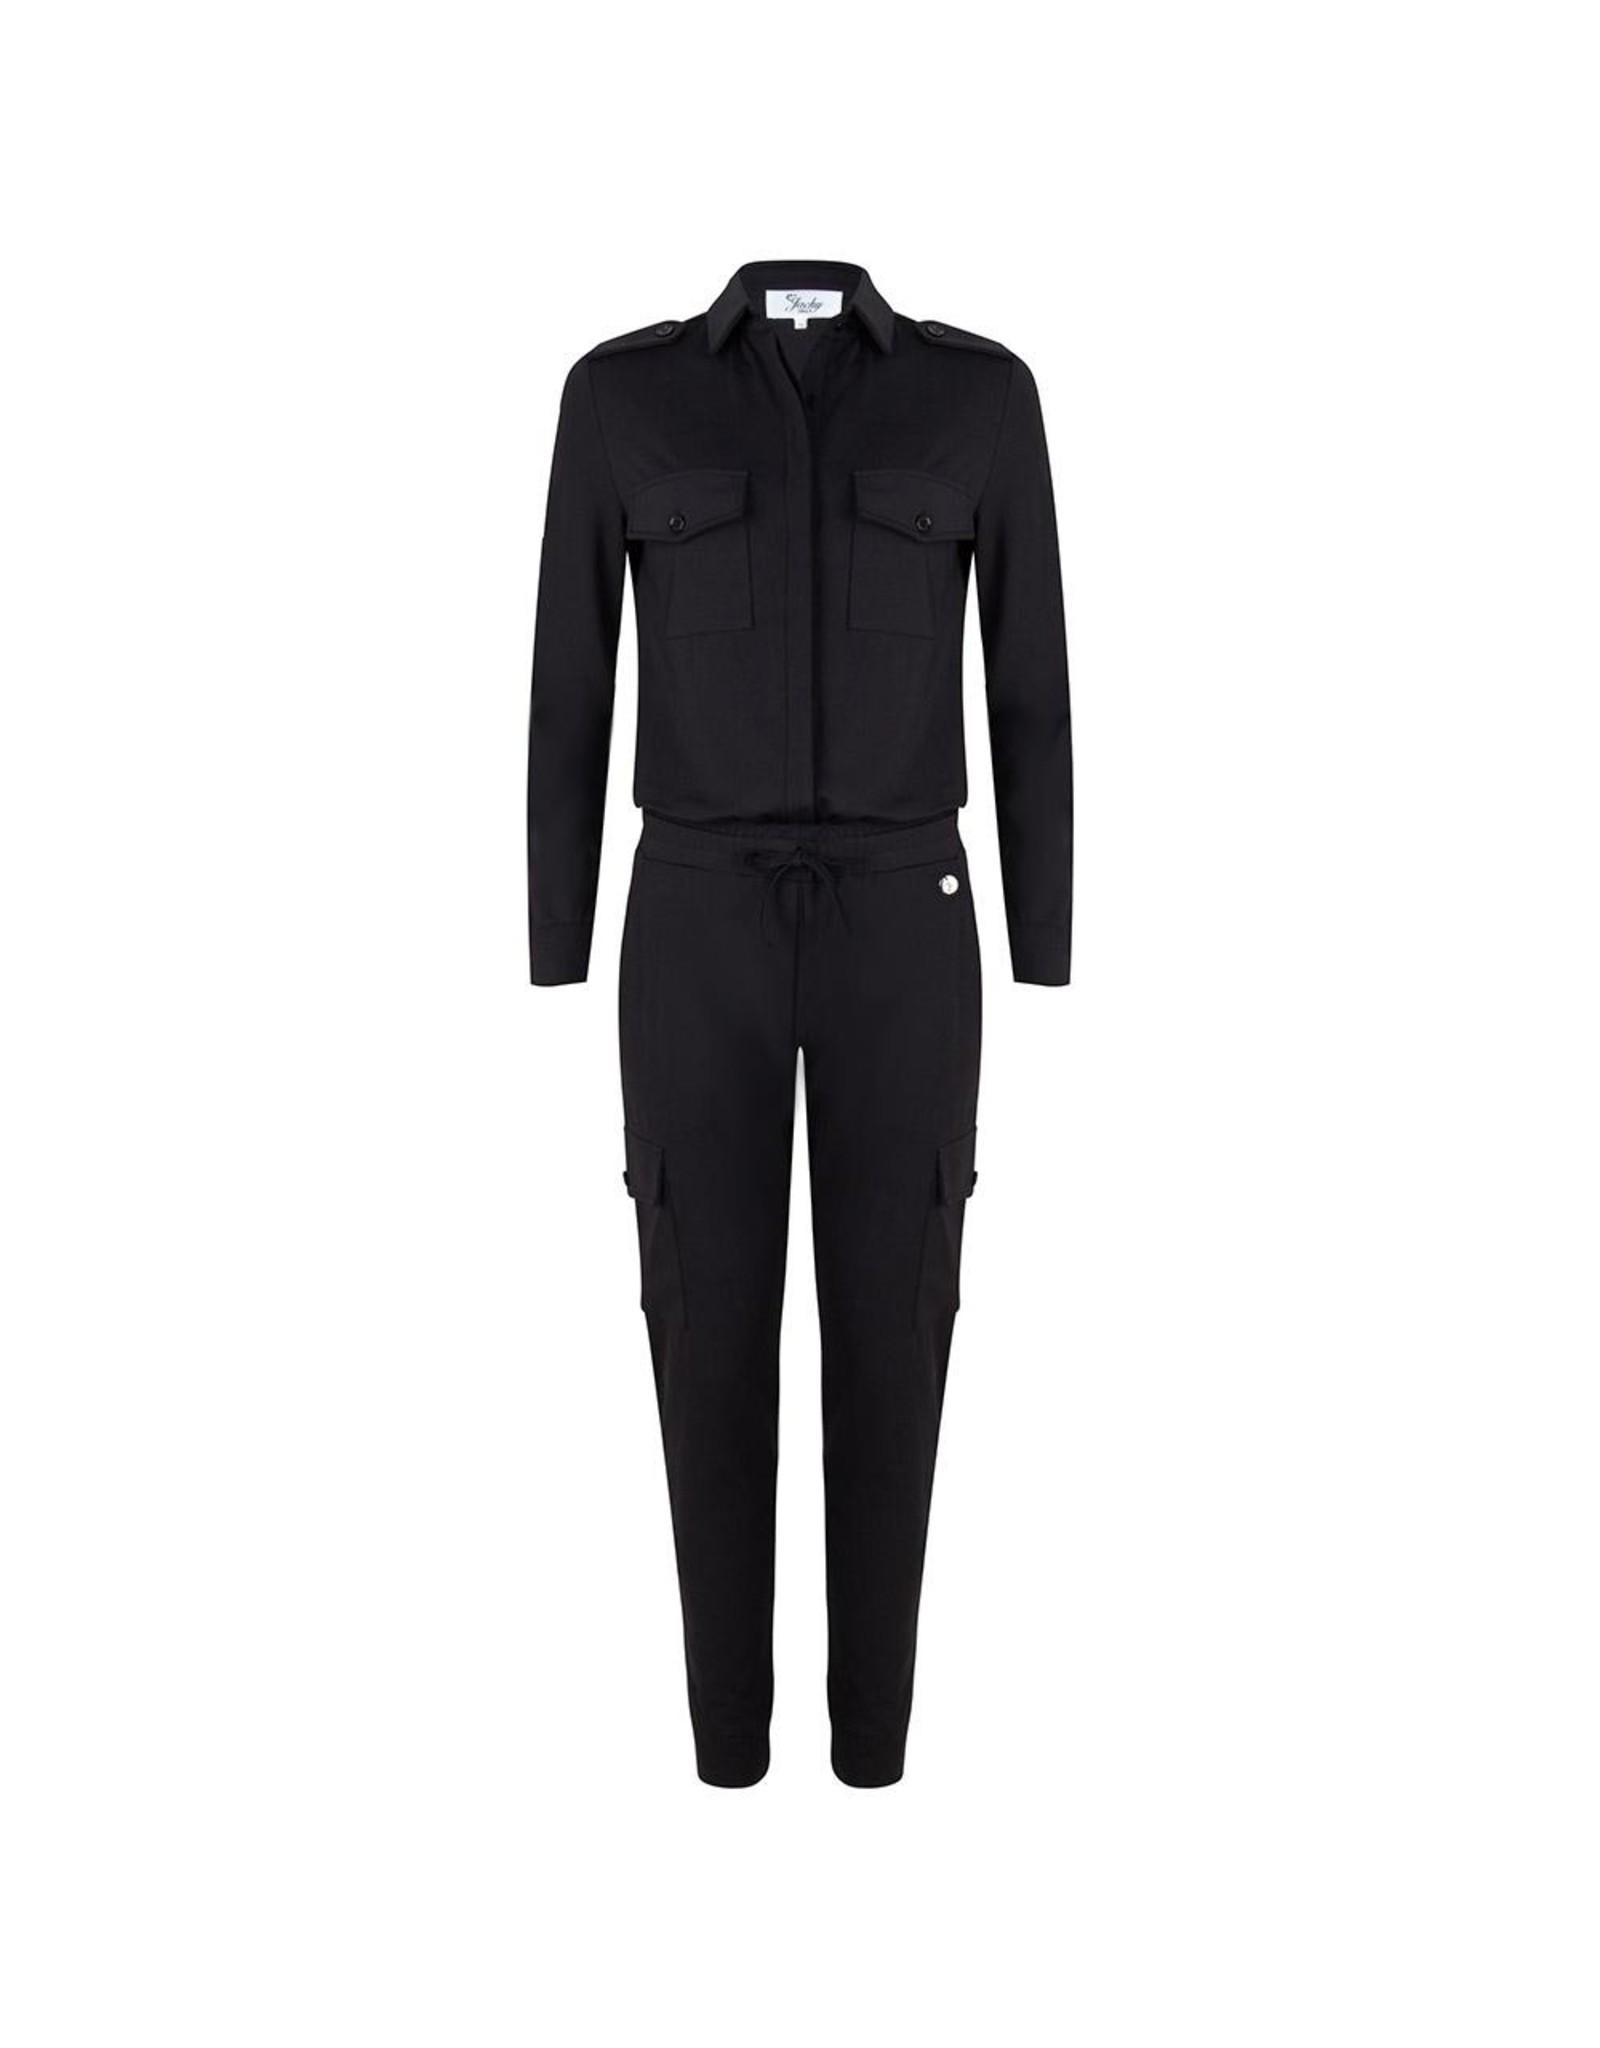 Jacky Luxury jumpsuit traveller black